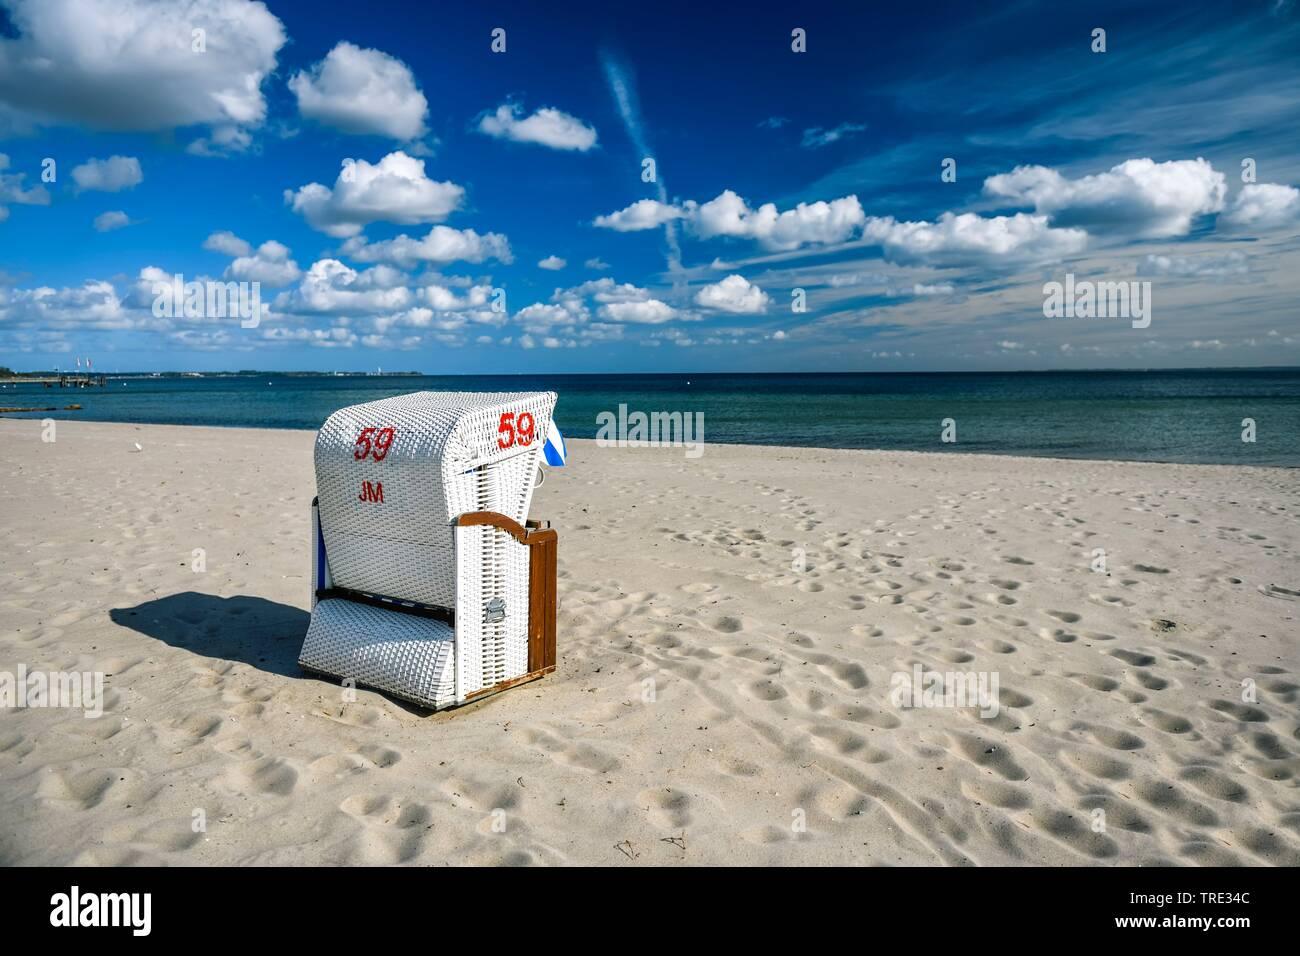 Strandkorb am Timmendorfer Strand, Deutschland, Schleswig-Holstein, Haffkrug | beach chair at Timmendorfer Strand, Germany, Schleswig-Holstein, Haffkr - Stock Image